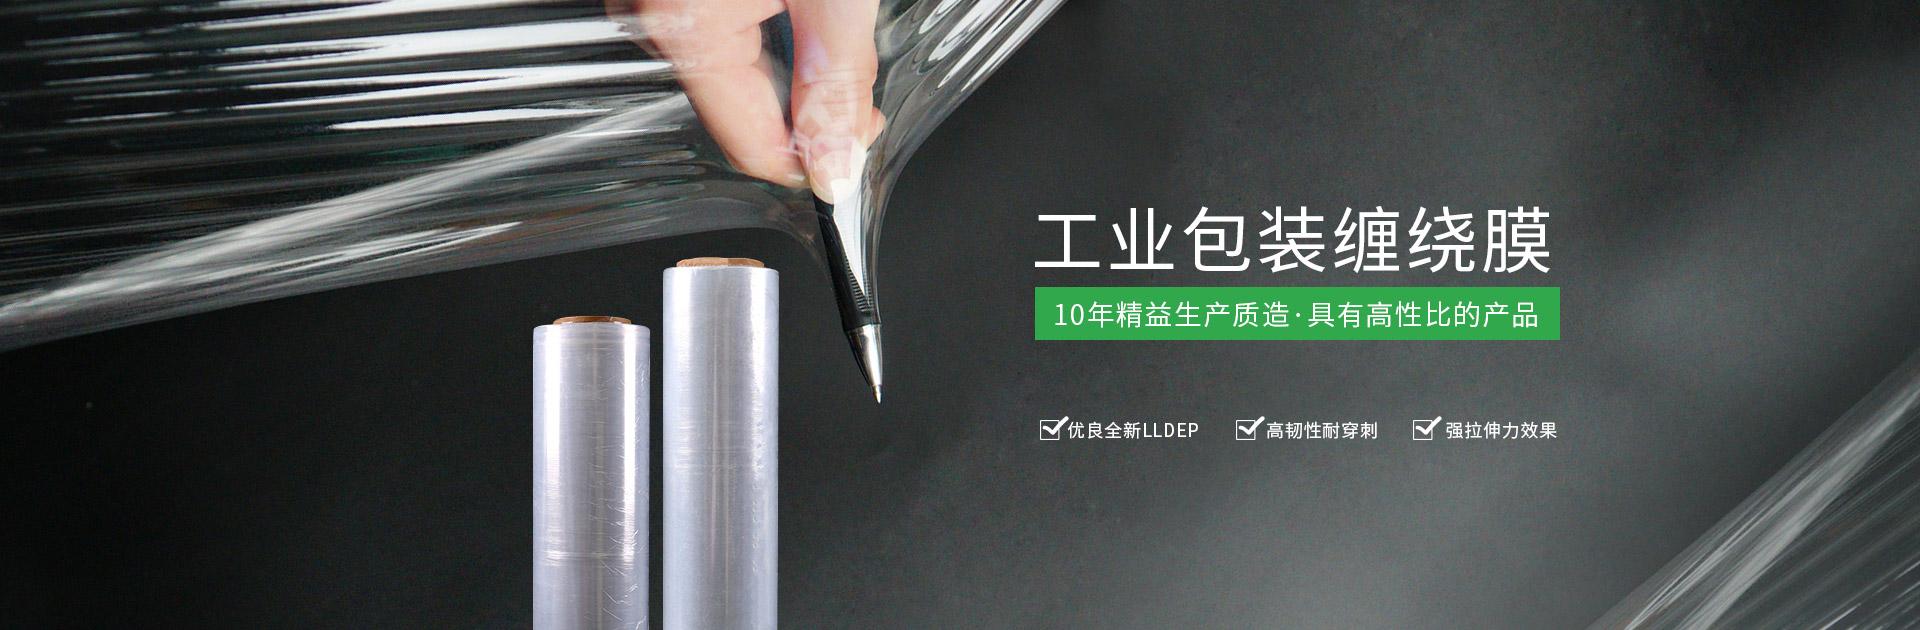 嘉友包装-10年专注塑料薄膜研发生产